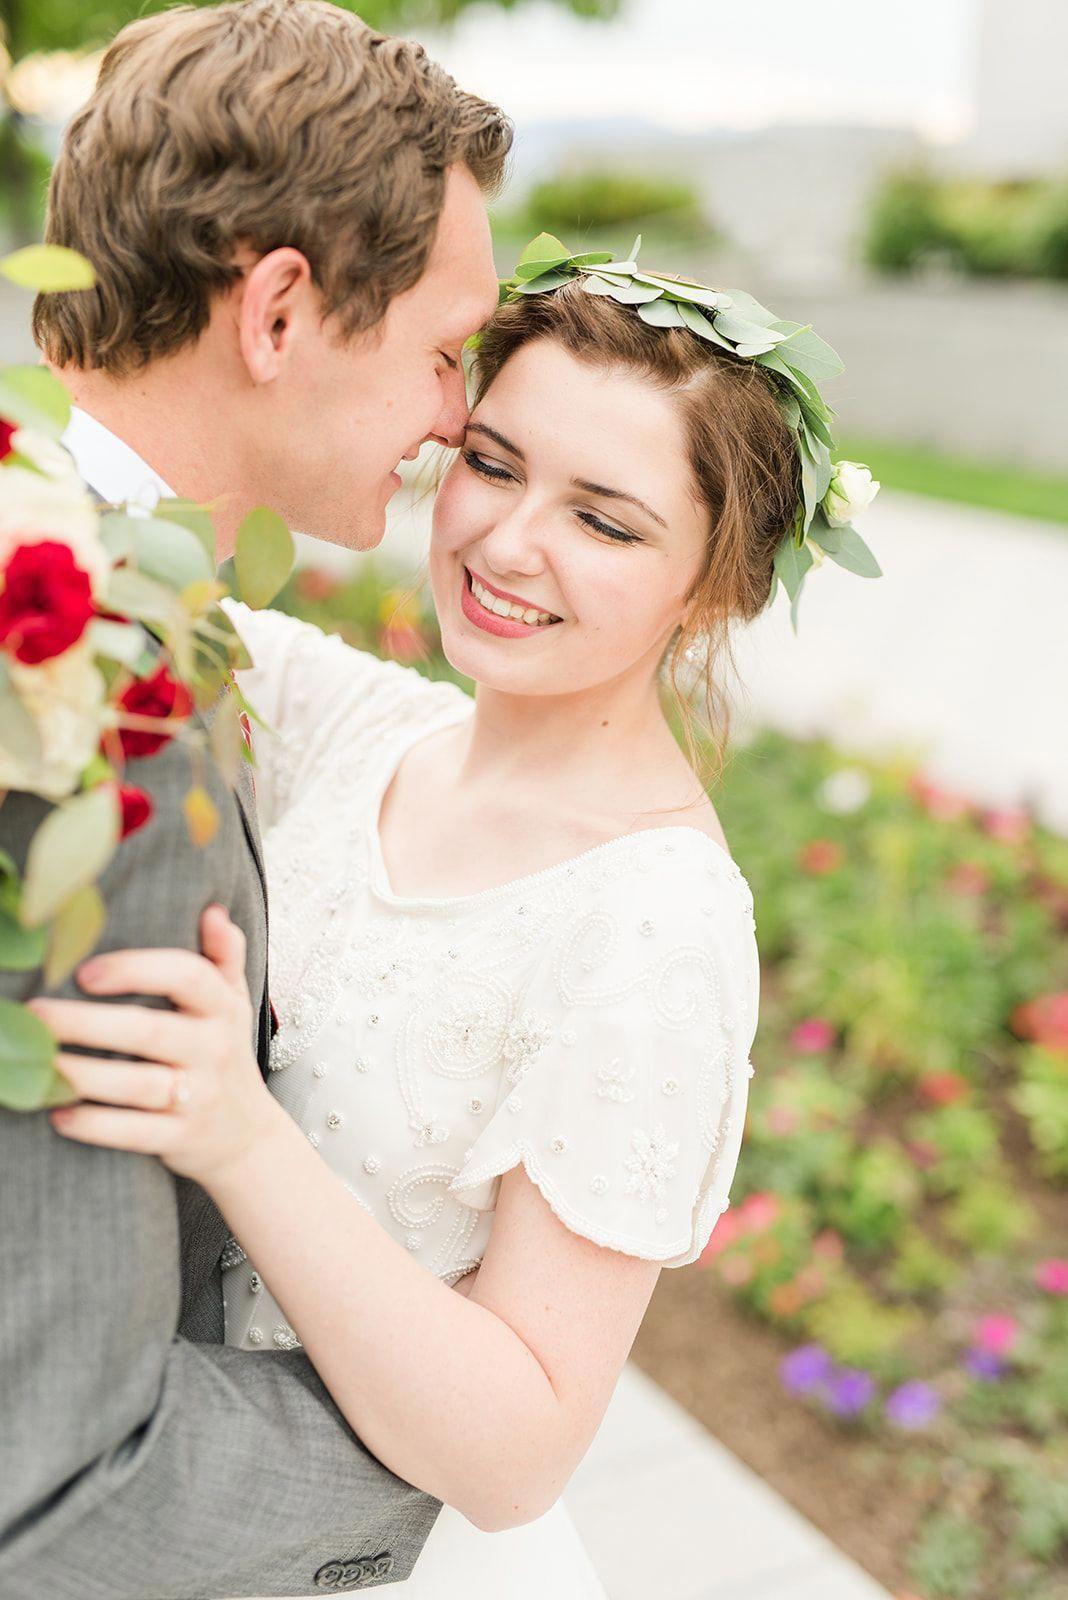 Wedding Photography Magazine #cameralife #WeddingPhotography